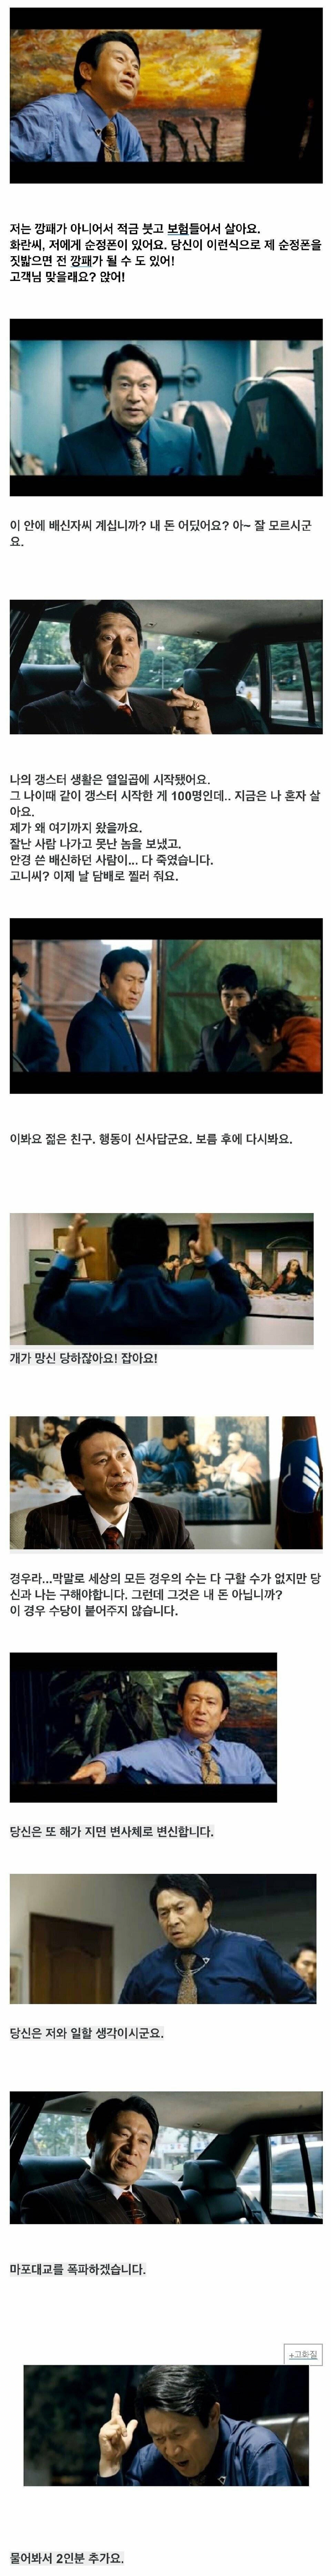 곽철용의 찰진 대사를 만약 박읍읍 번역가가 번역했다면??? | 인스티즈